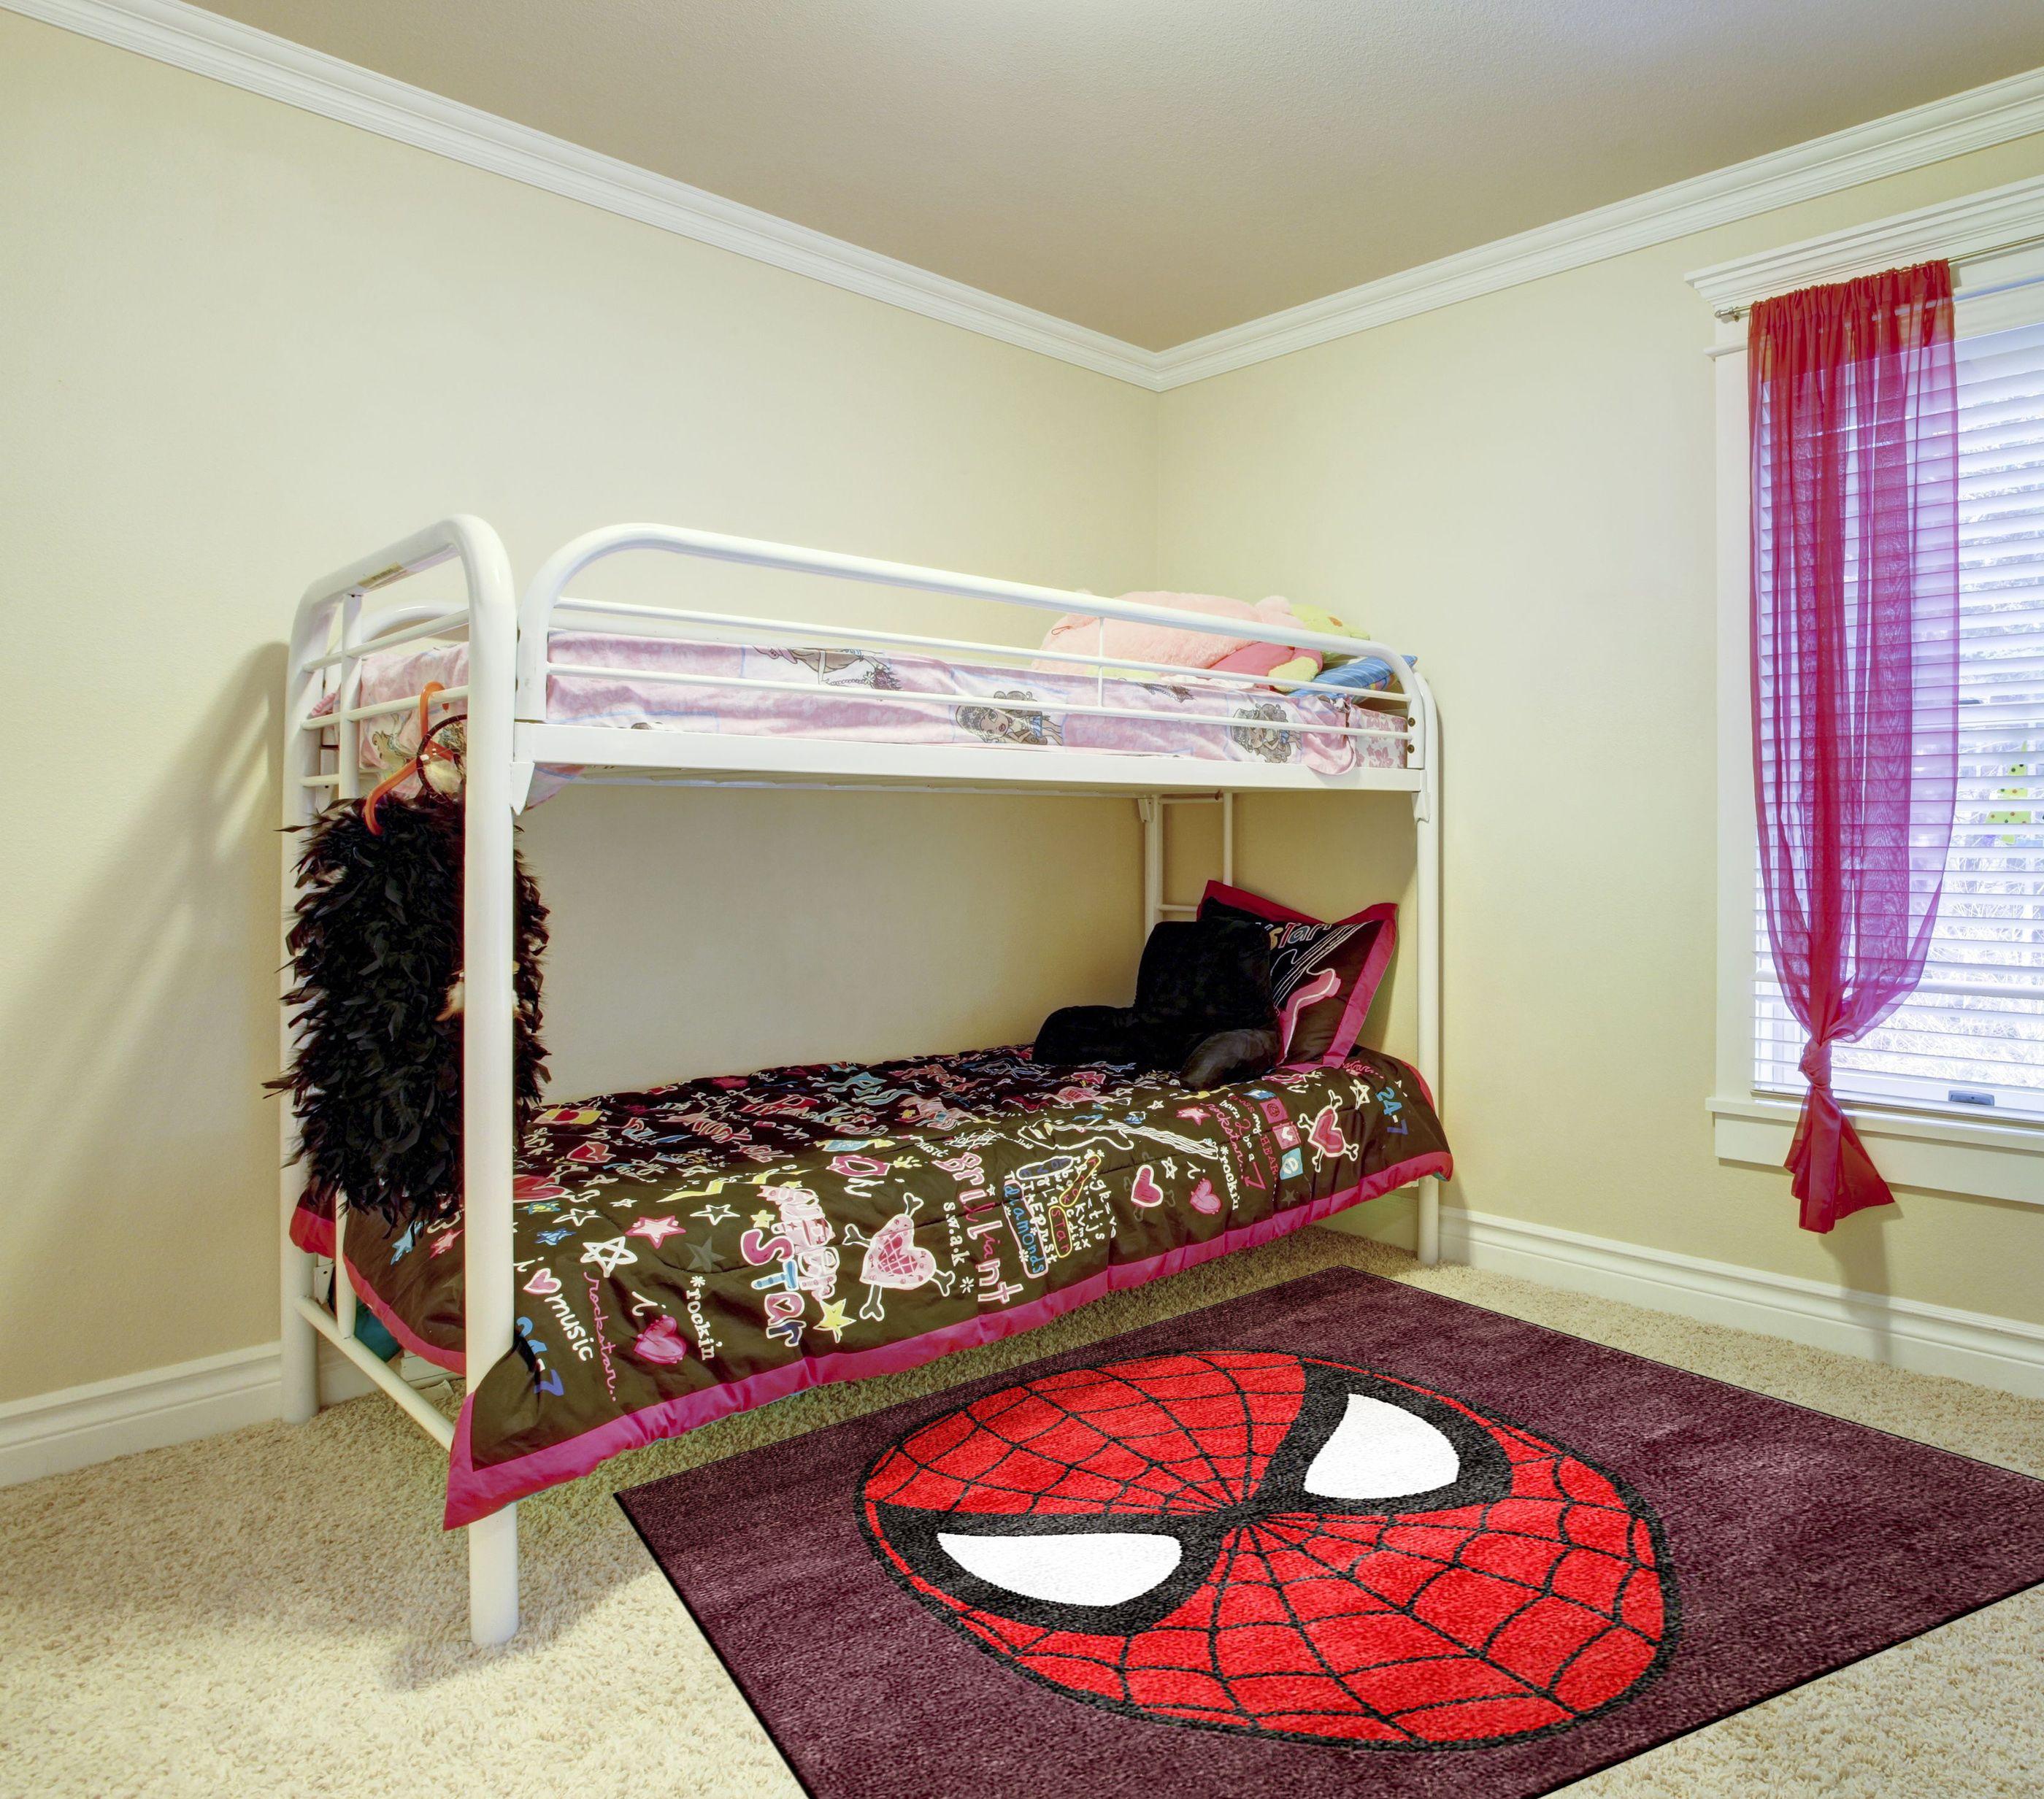 spiderman rugs bedroom